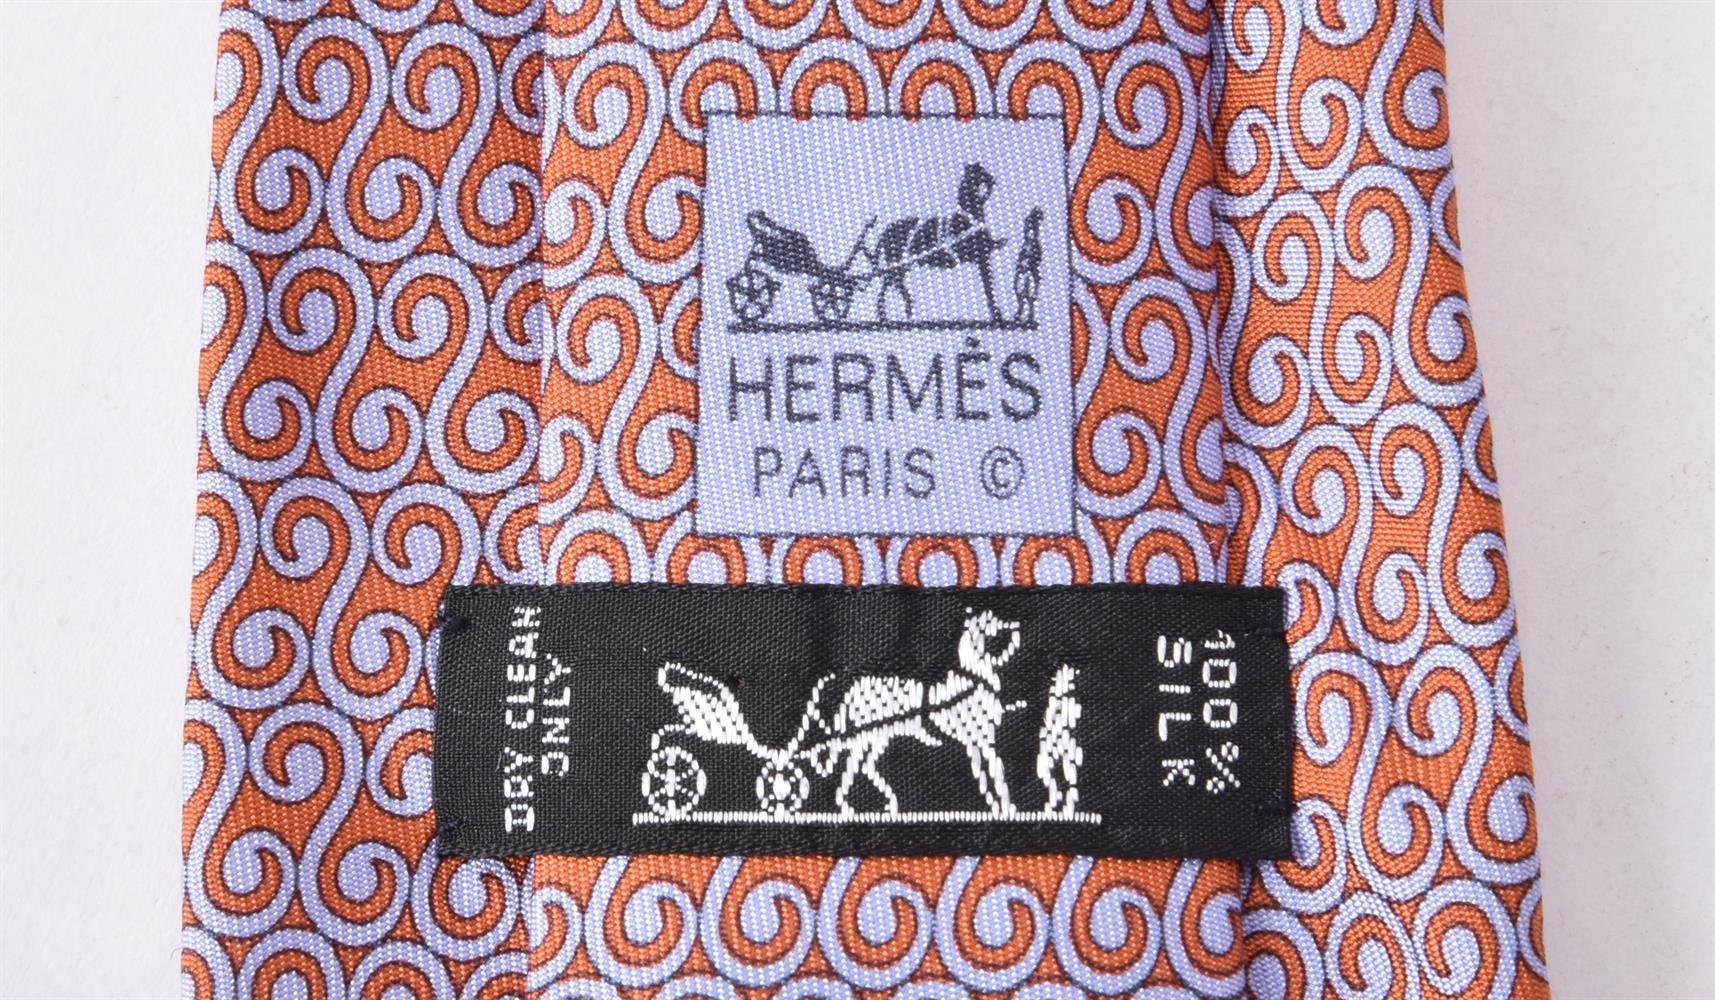 Hermes, three silk ties - Image 2 of 2